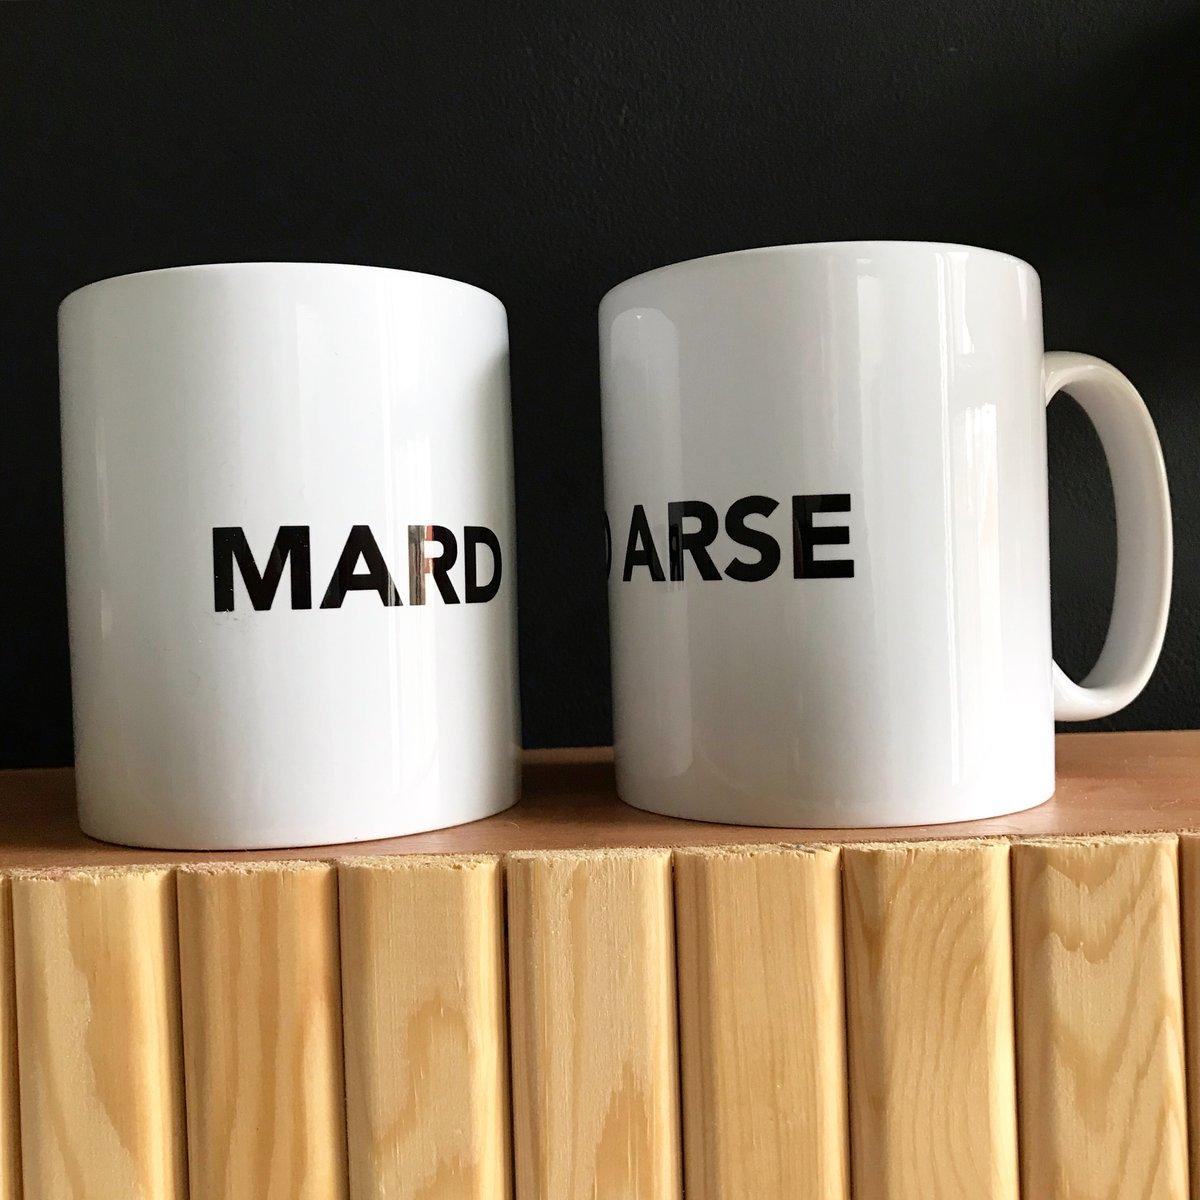 Image of MARD + MARD ARSE mug